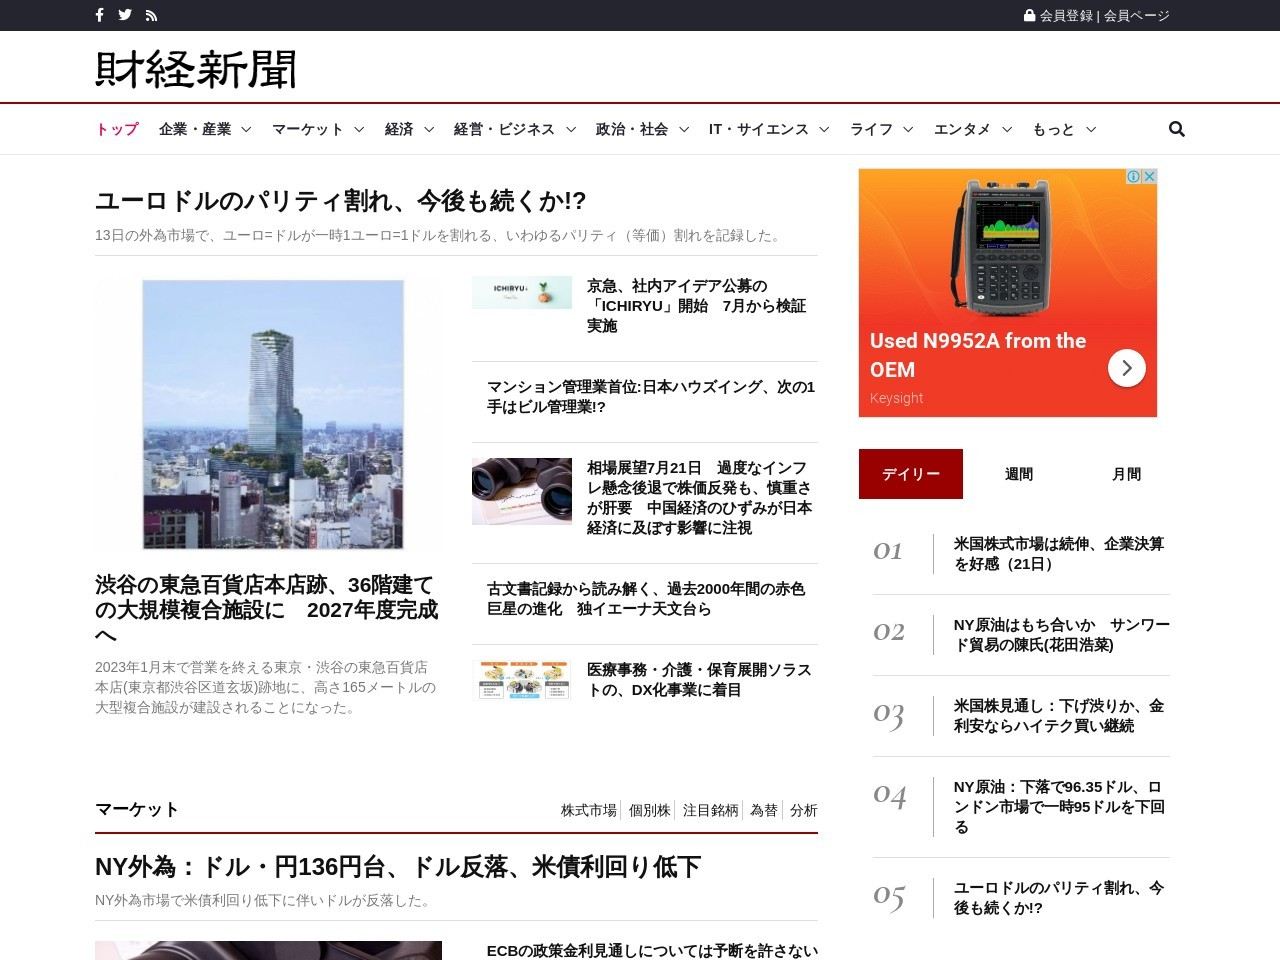 """""""今、もっとも熱いお城は?!"""" 「ニッポン城めぐり」が、『お城ファンが実際に訪れた日本のお城ランキング …"""